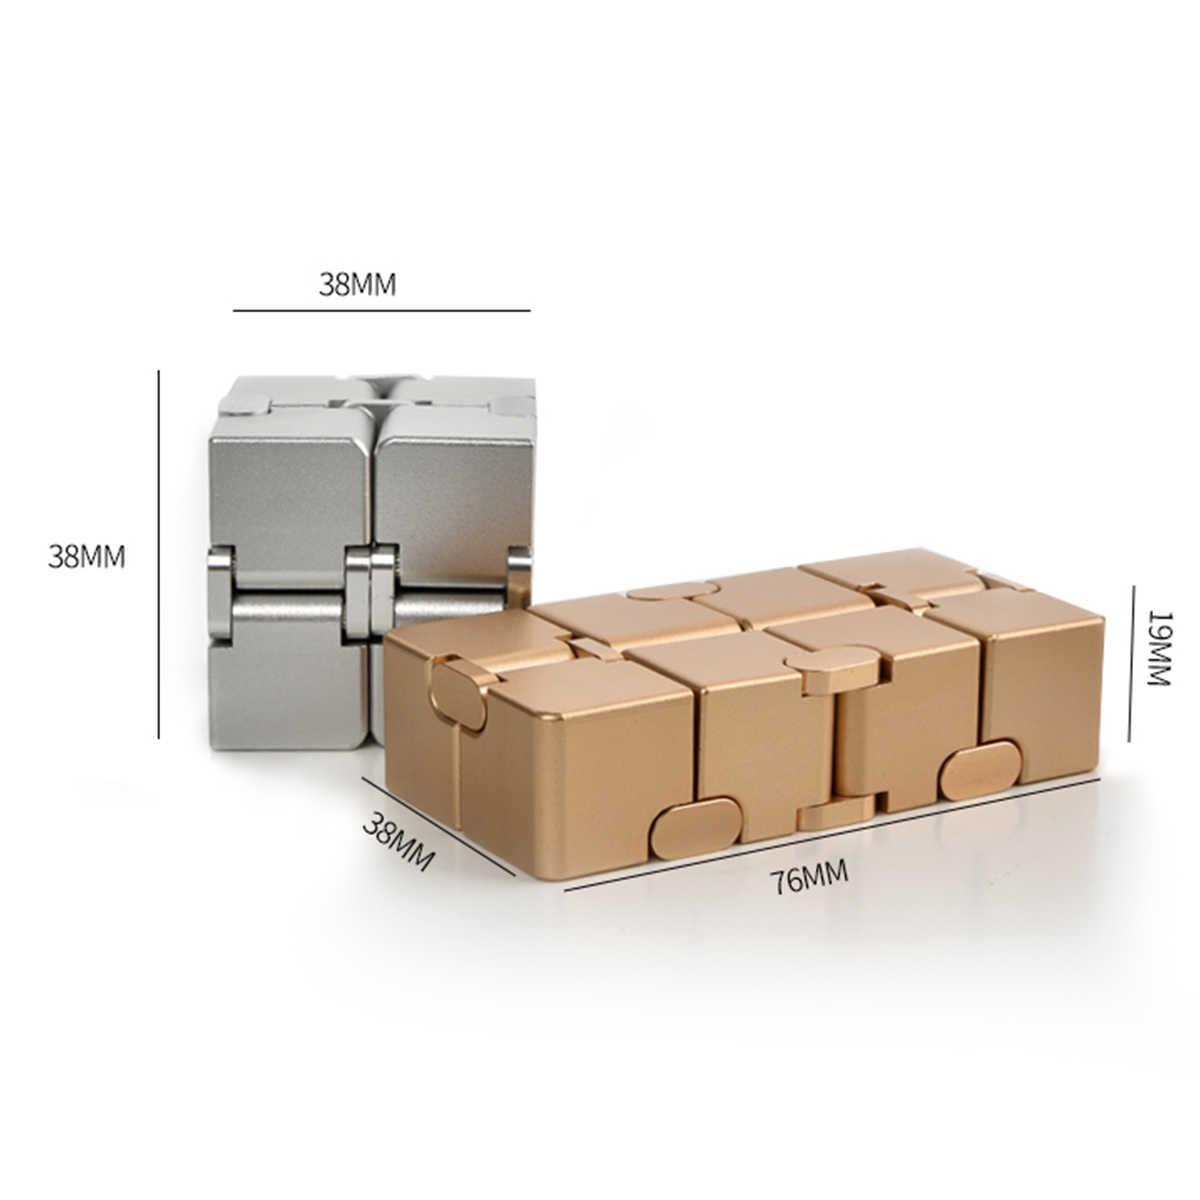 Обновленная версия мини Инфинит куб палец для избавления от стресса и тревожности Блоки Игрушки Magic Cube игрушечный кубик-головоломка расслабиться игрушка для взрослых и детей